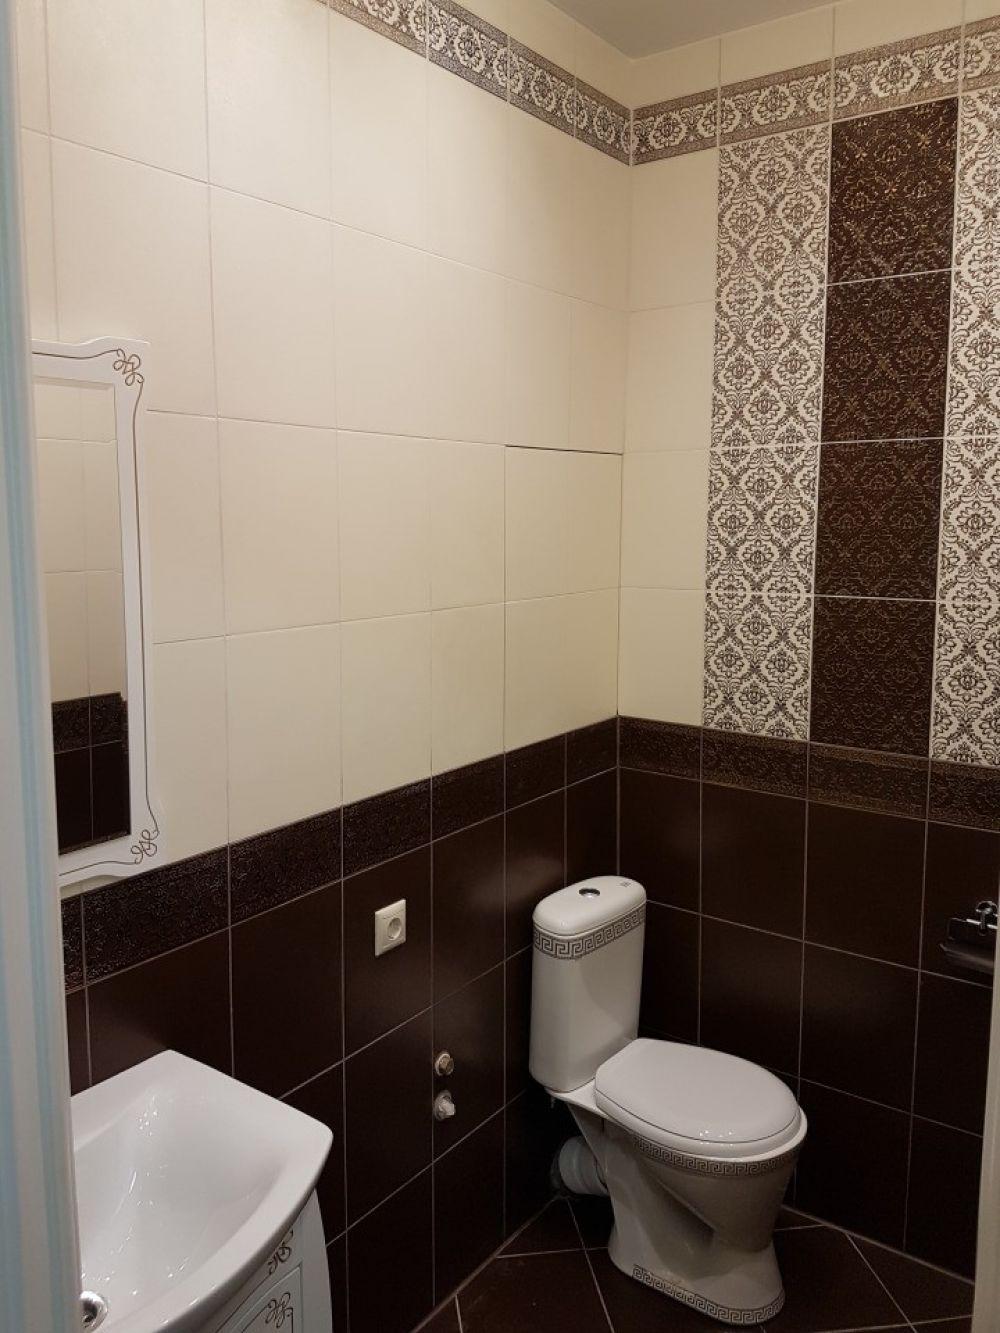 2-комнатная квартира п.Свердловский ЖК Лукино-Варино ул.Заречная д.3., фото 18